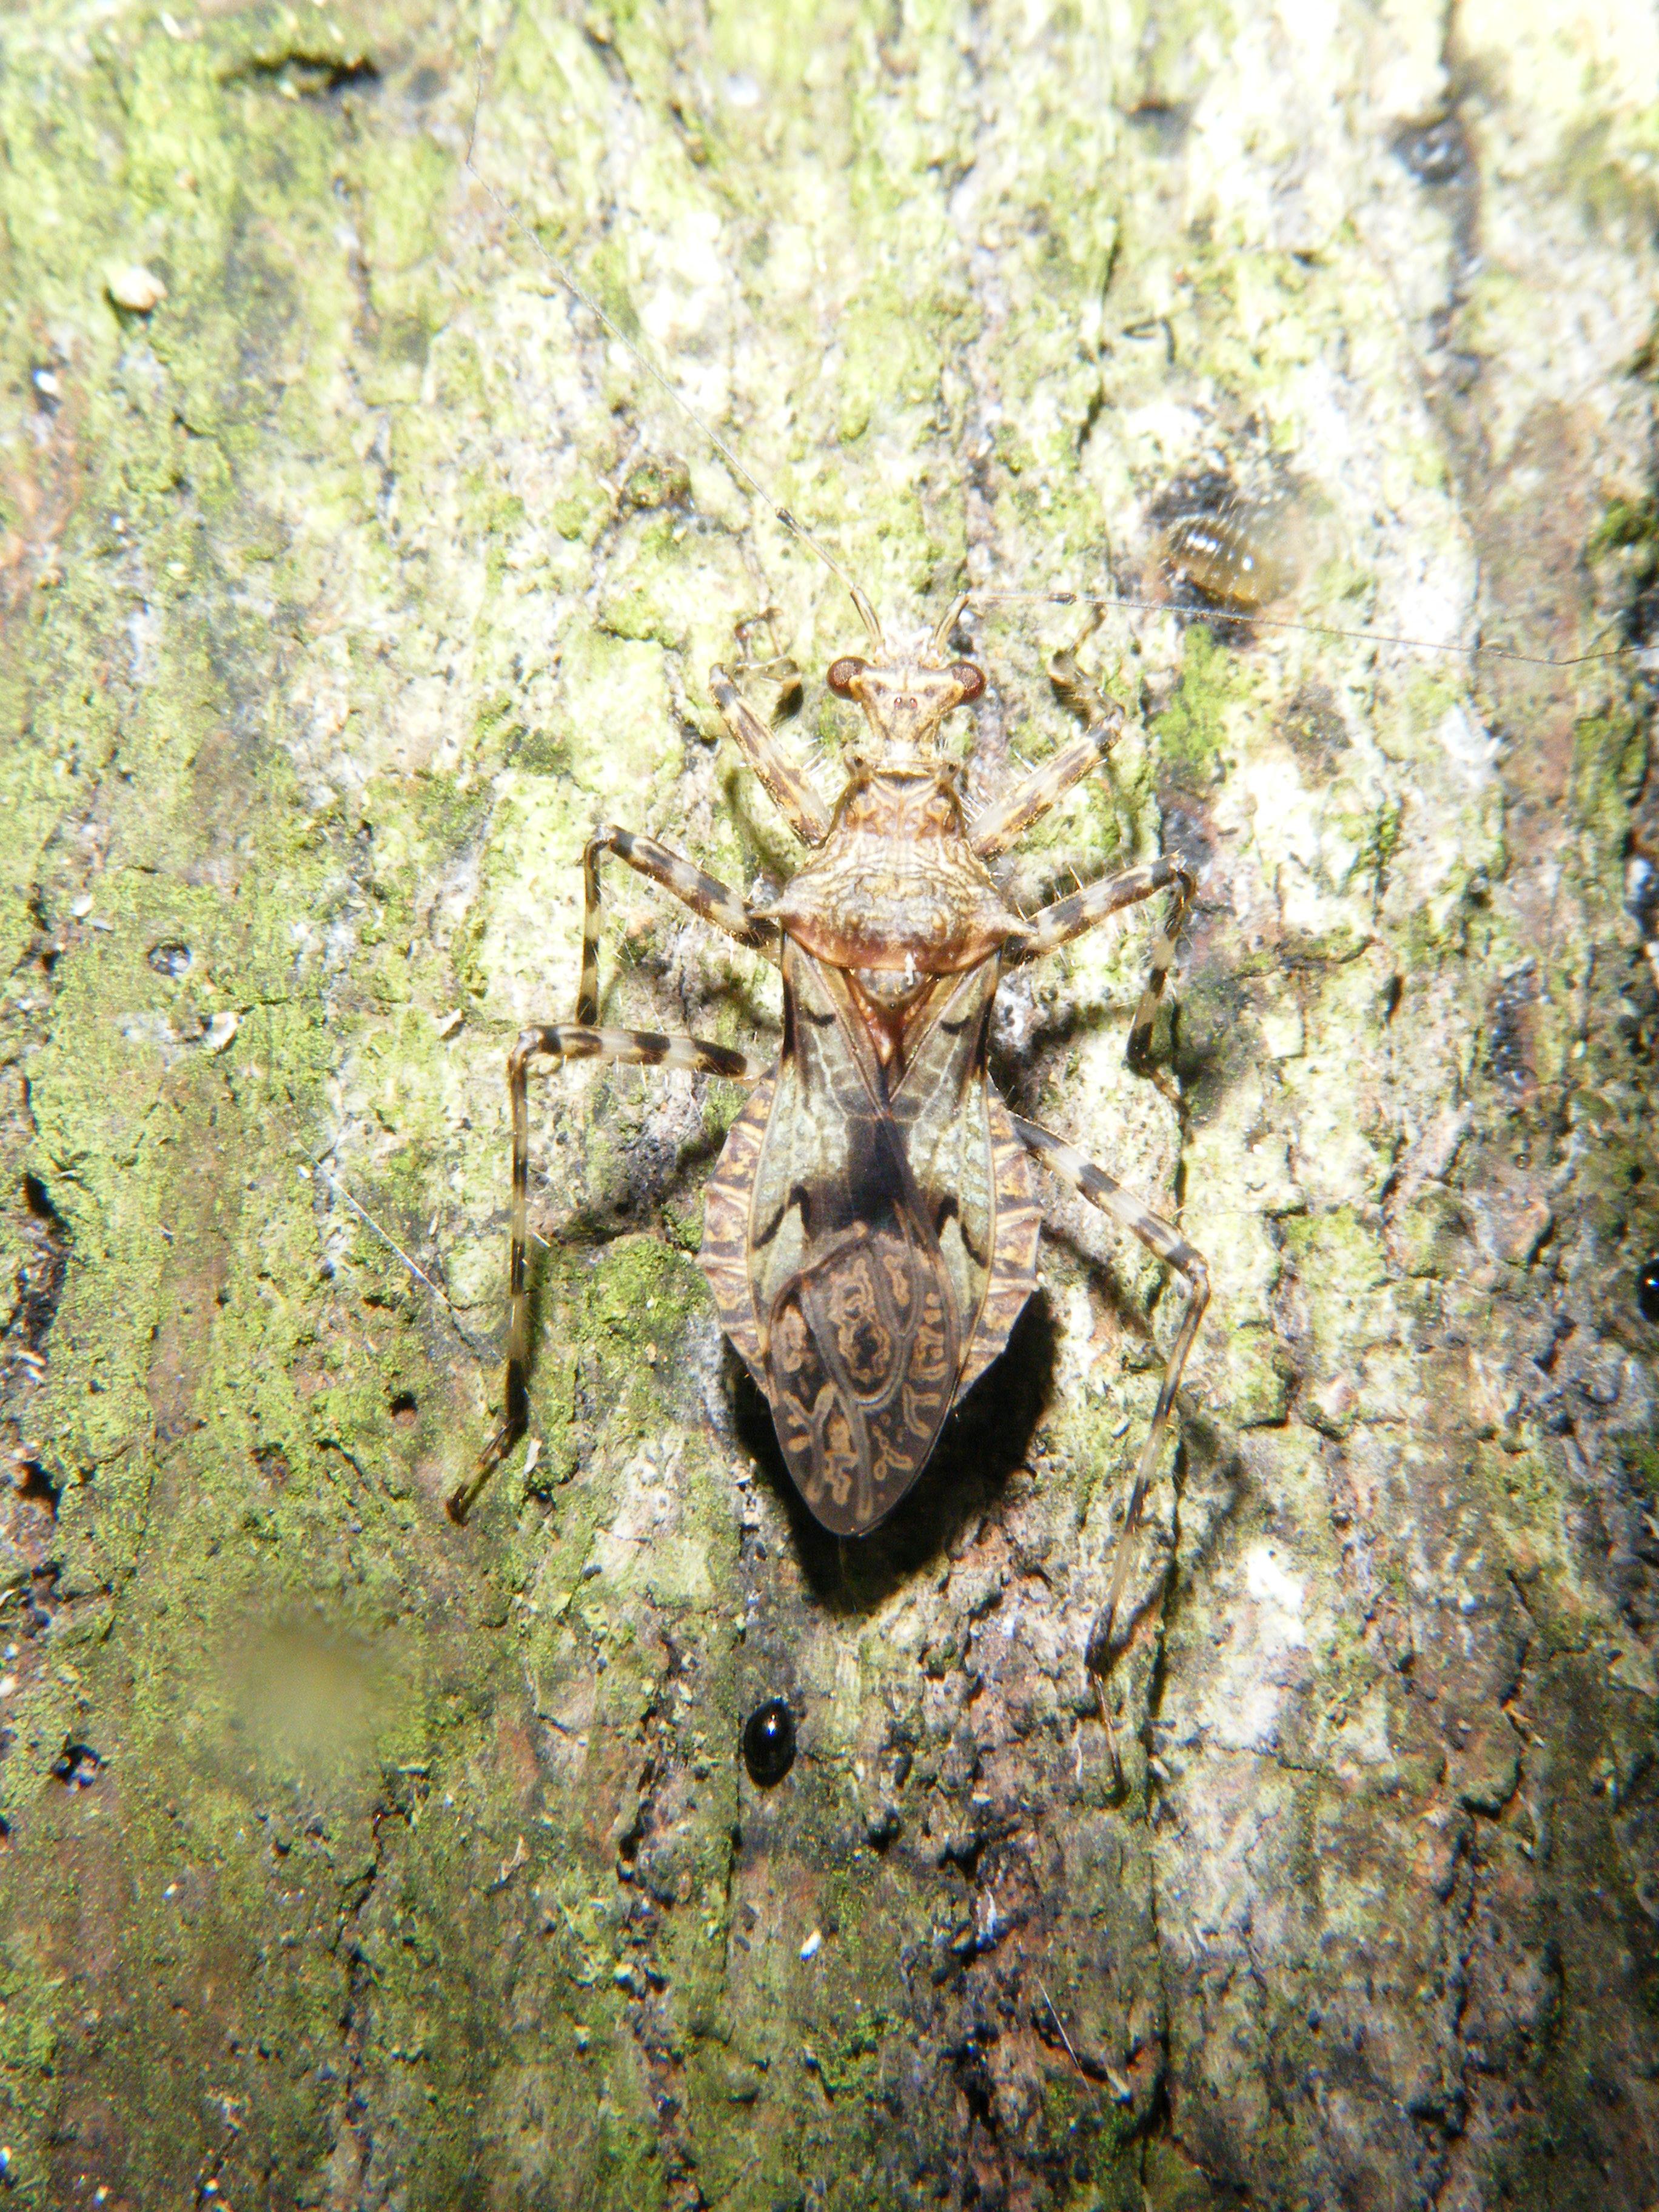 Camouflaged Hemiptera